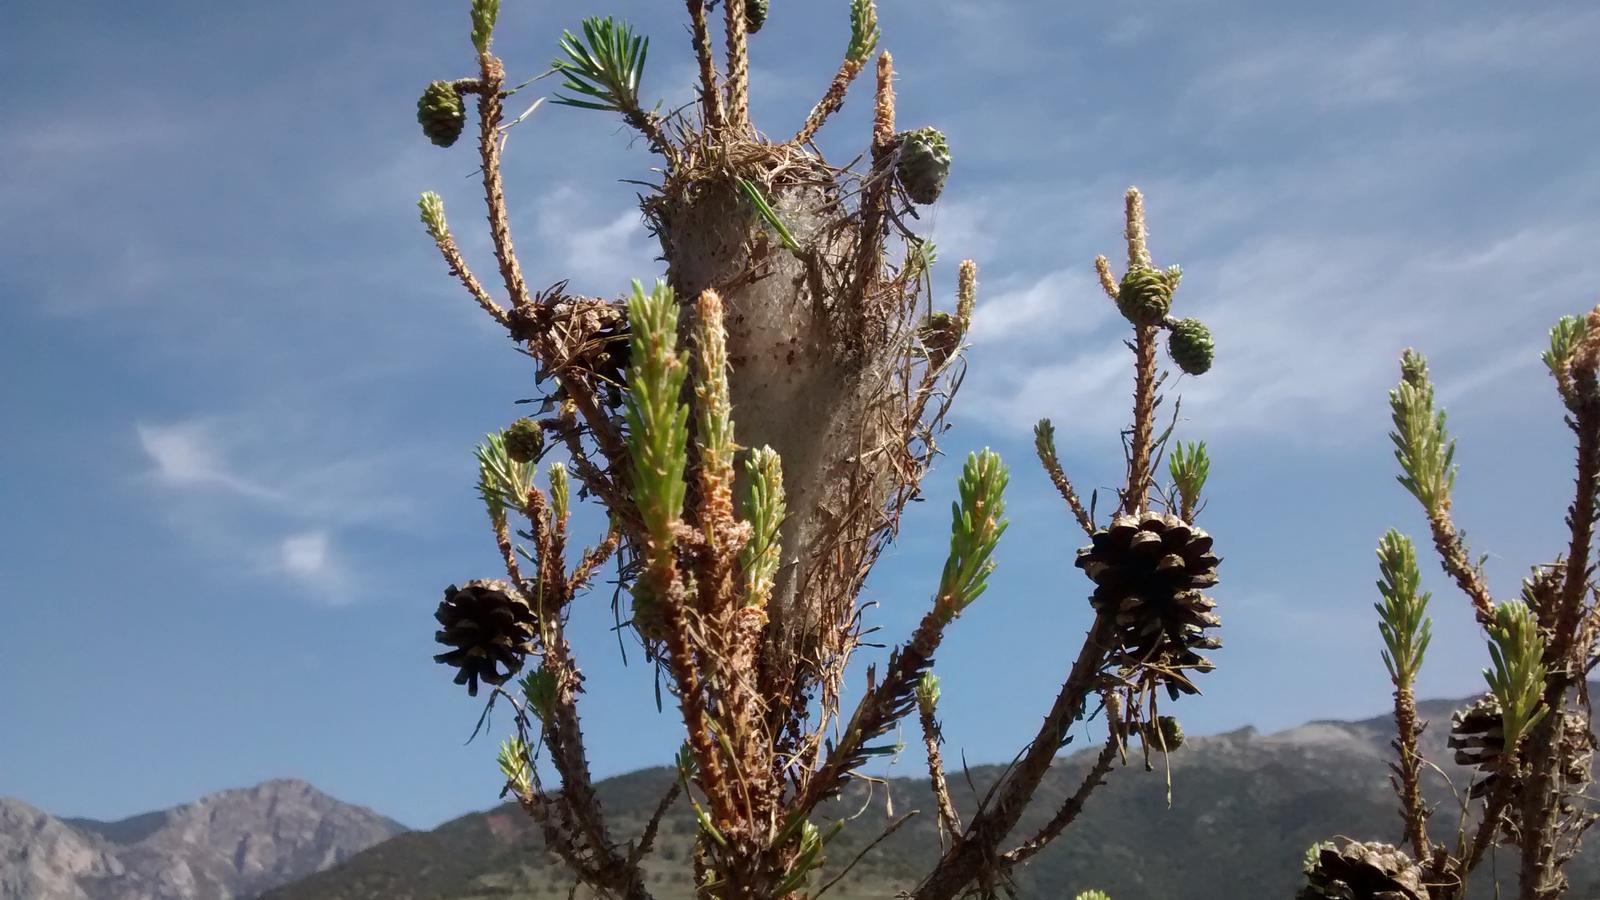 La primavera  retorna l'esperança a les pinedes devastades per la processionària